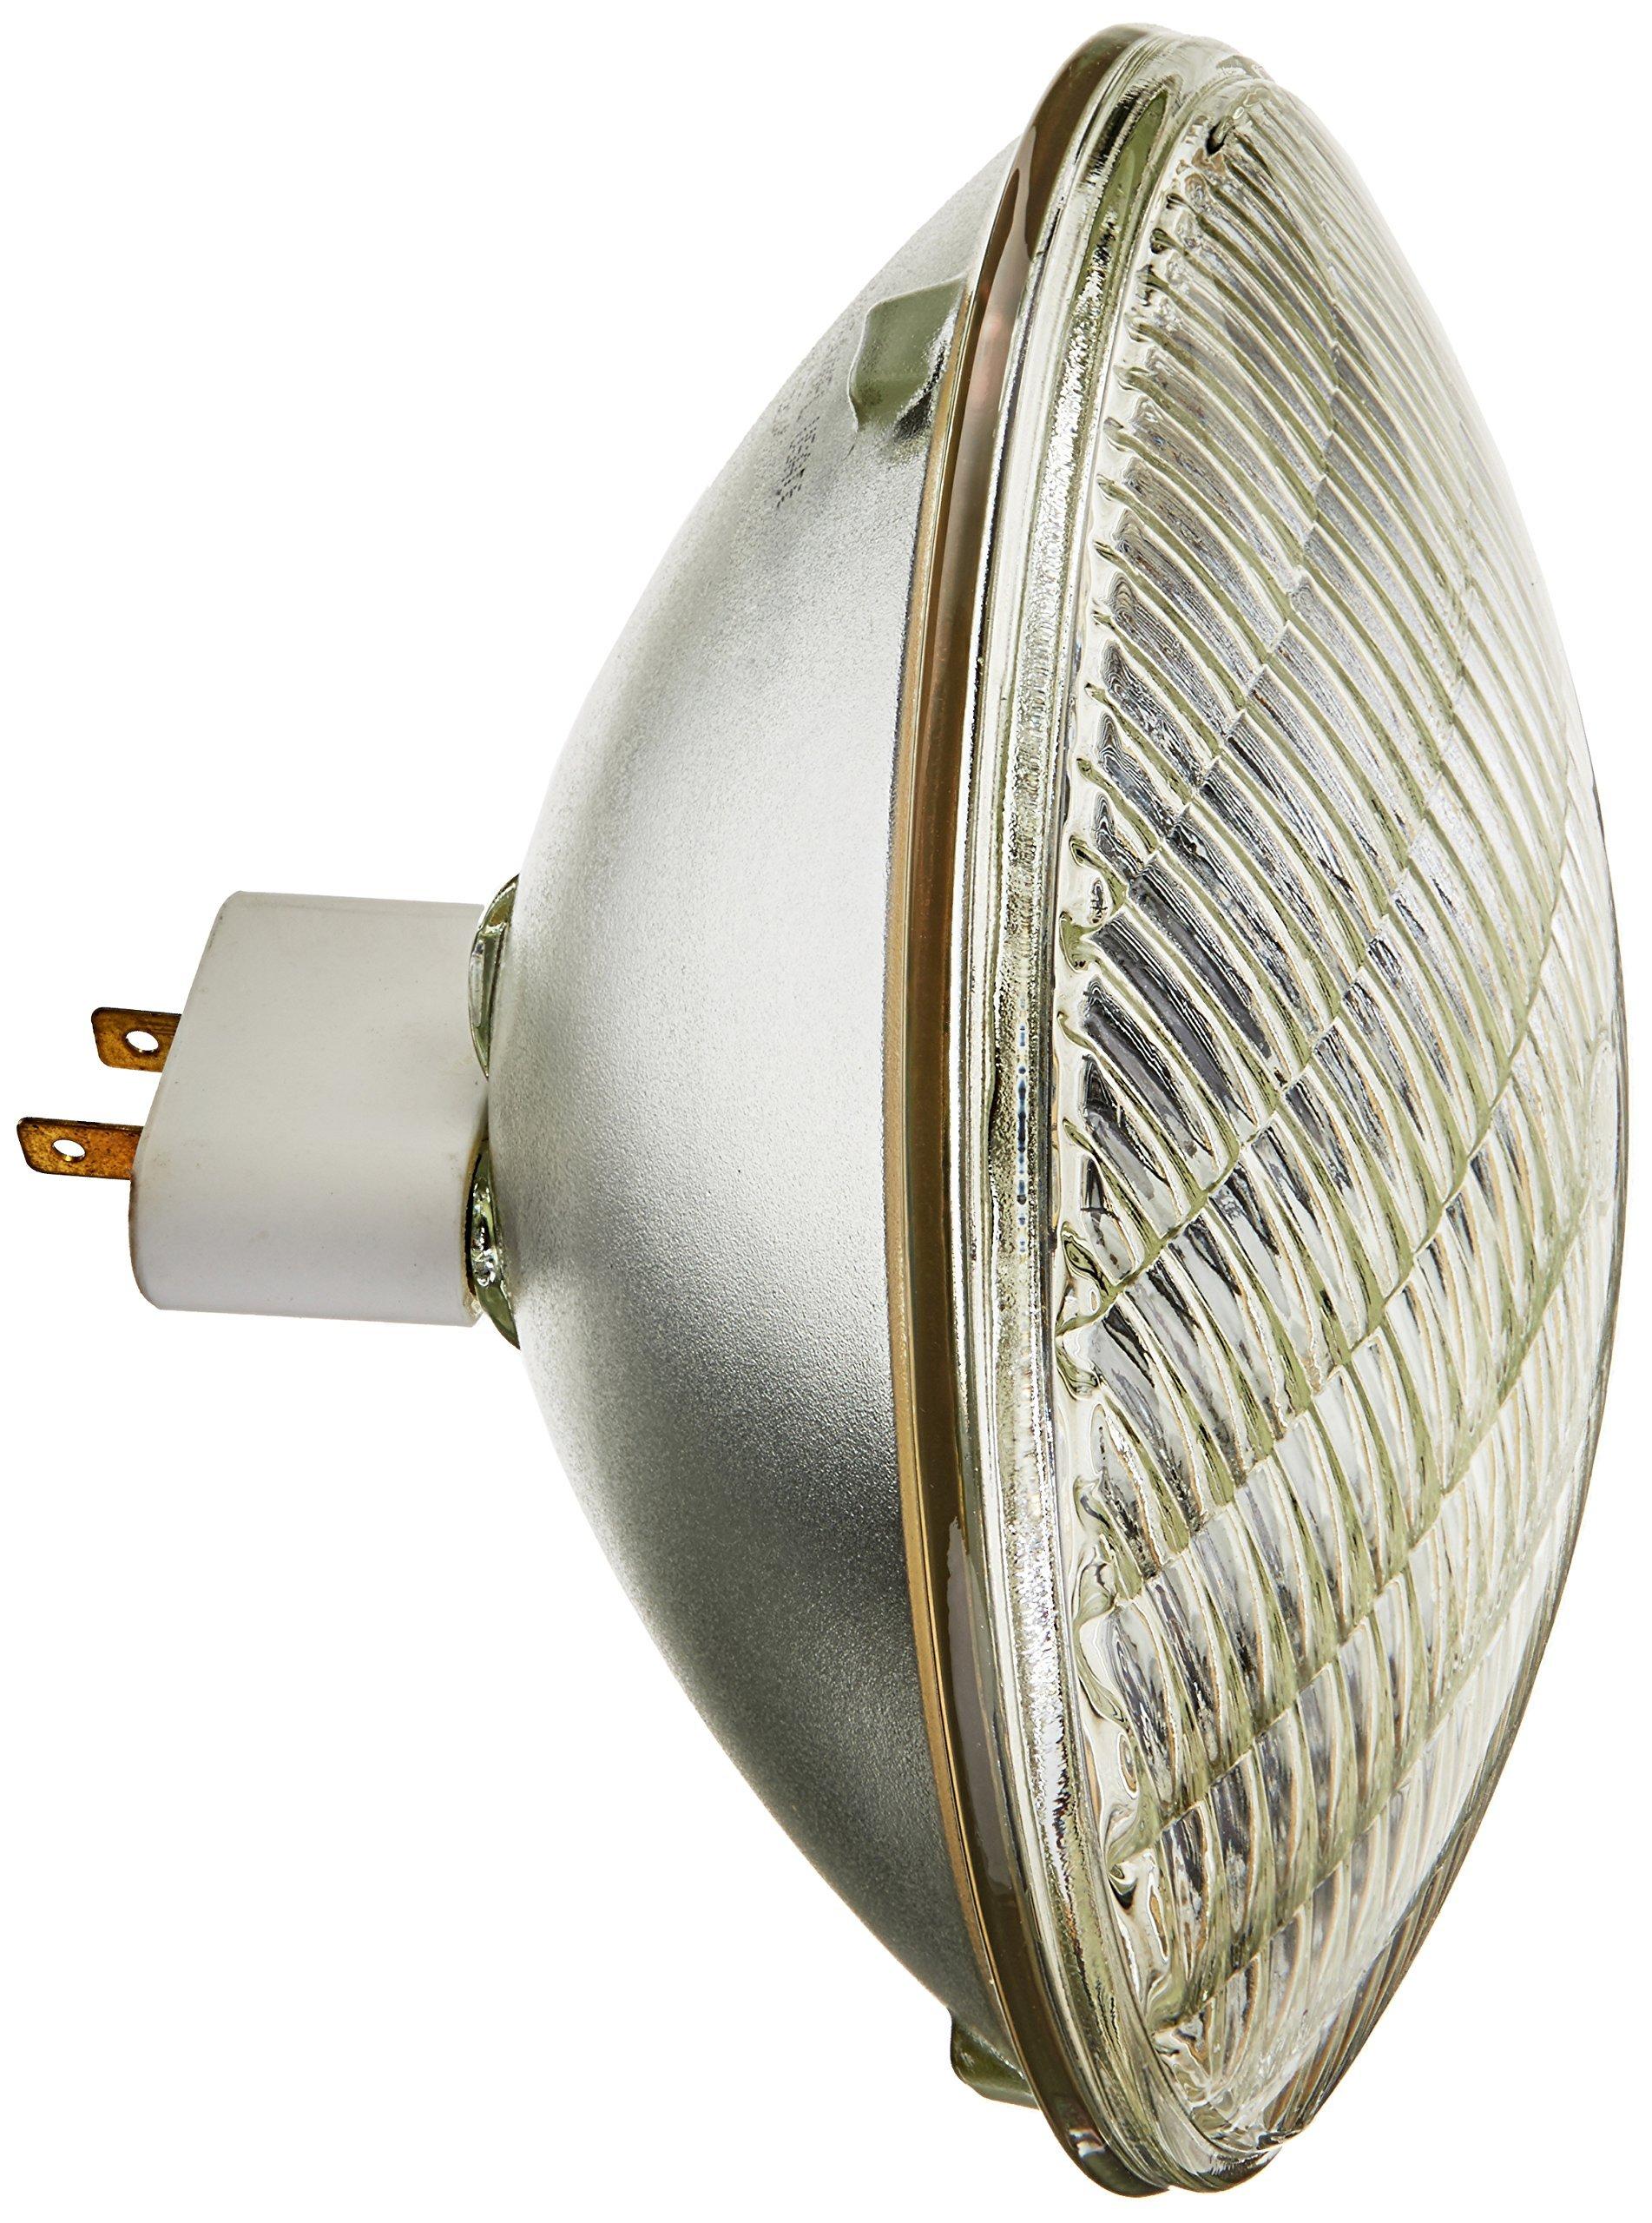 Sylvania 14932-500PAR64/MFL 120V PAR64 Reflector Flood Spot Light Bulb